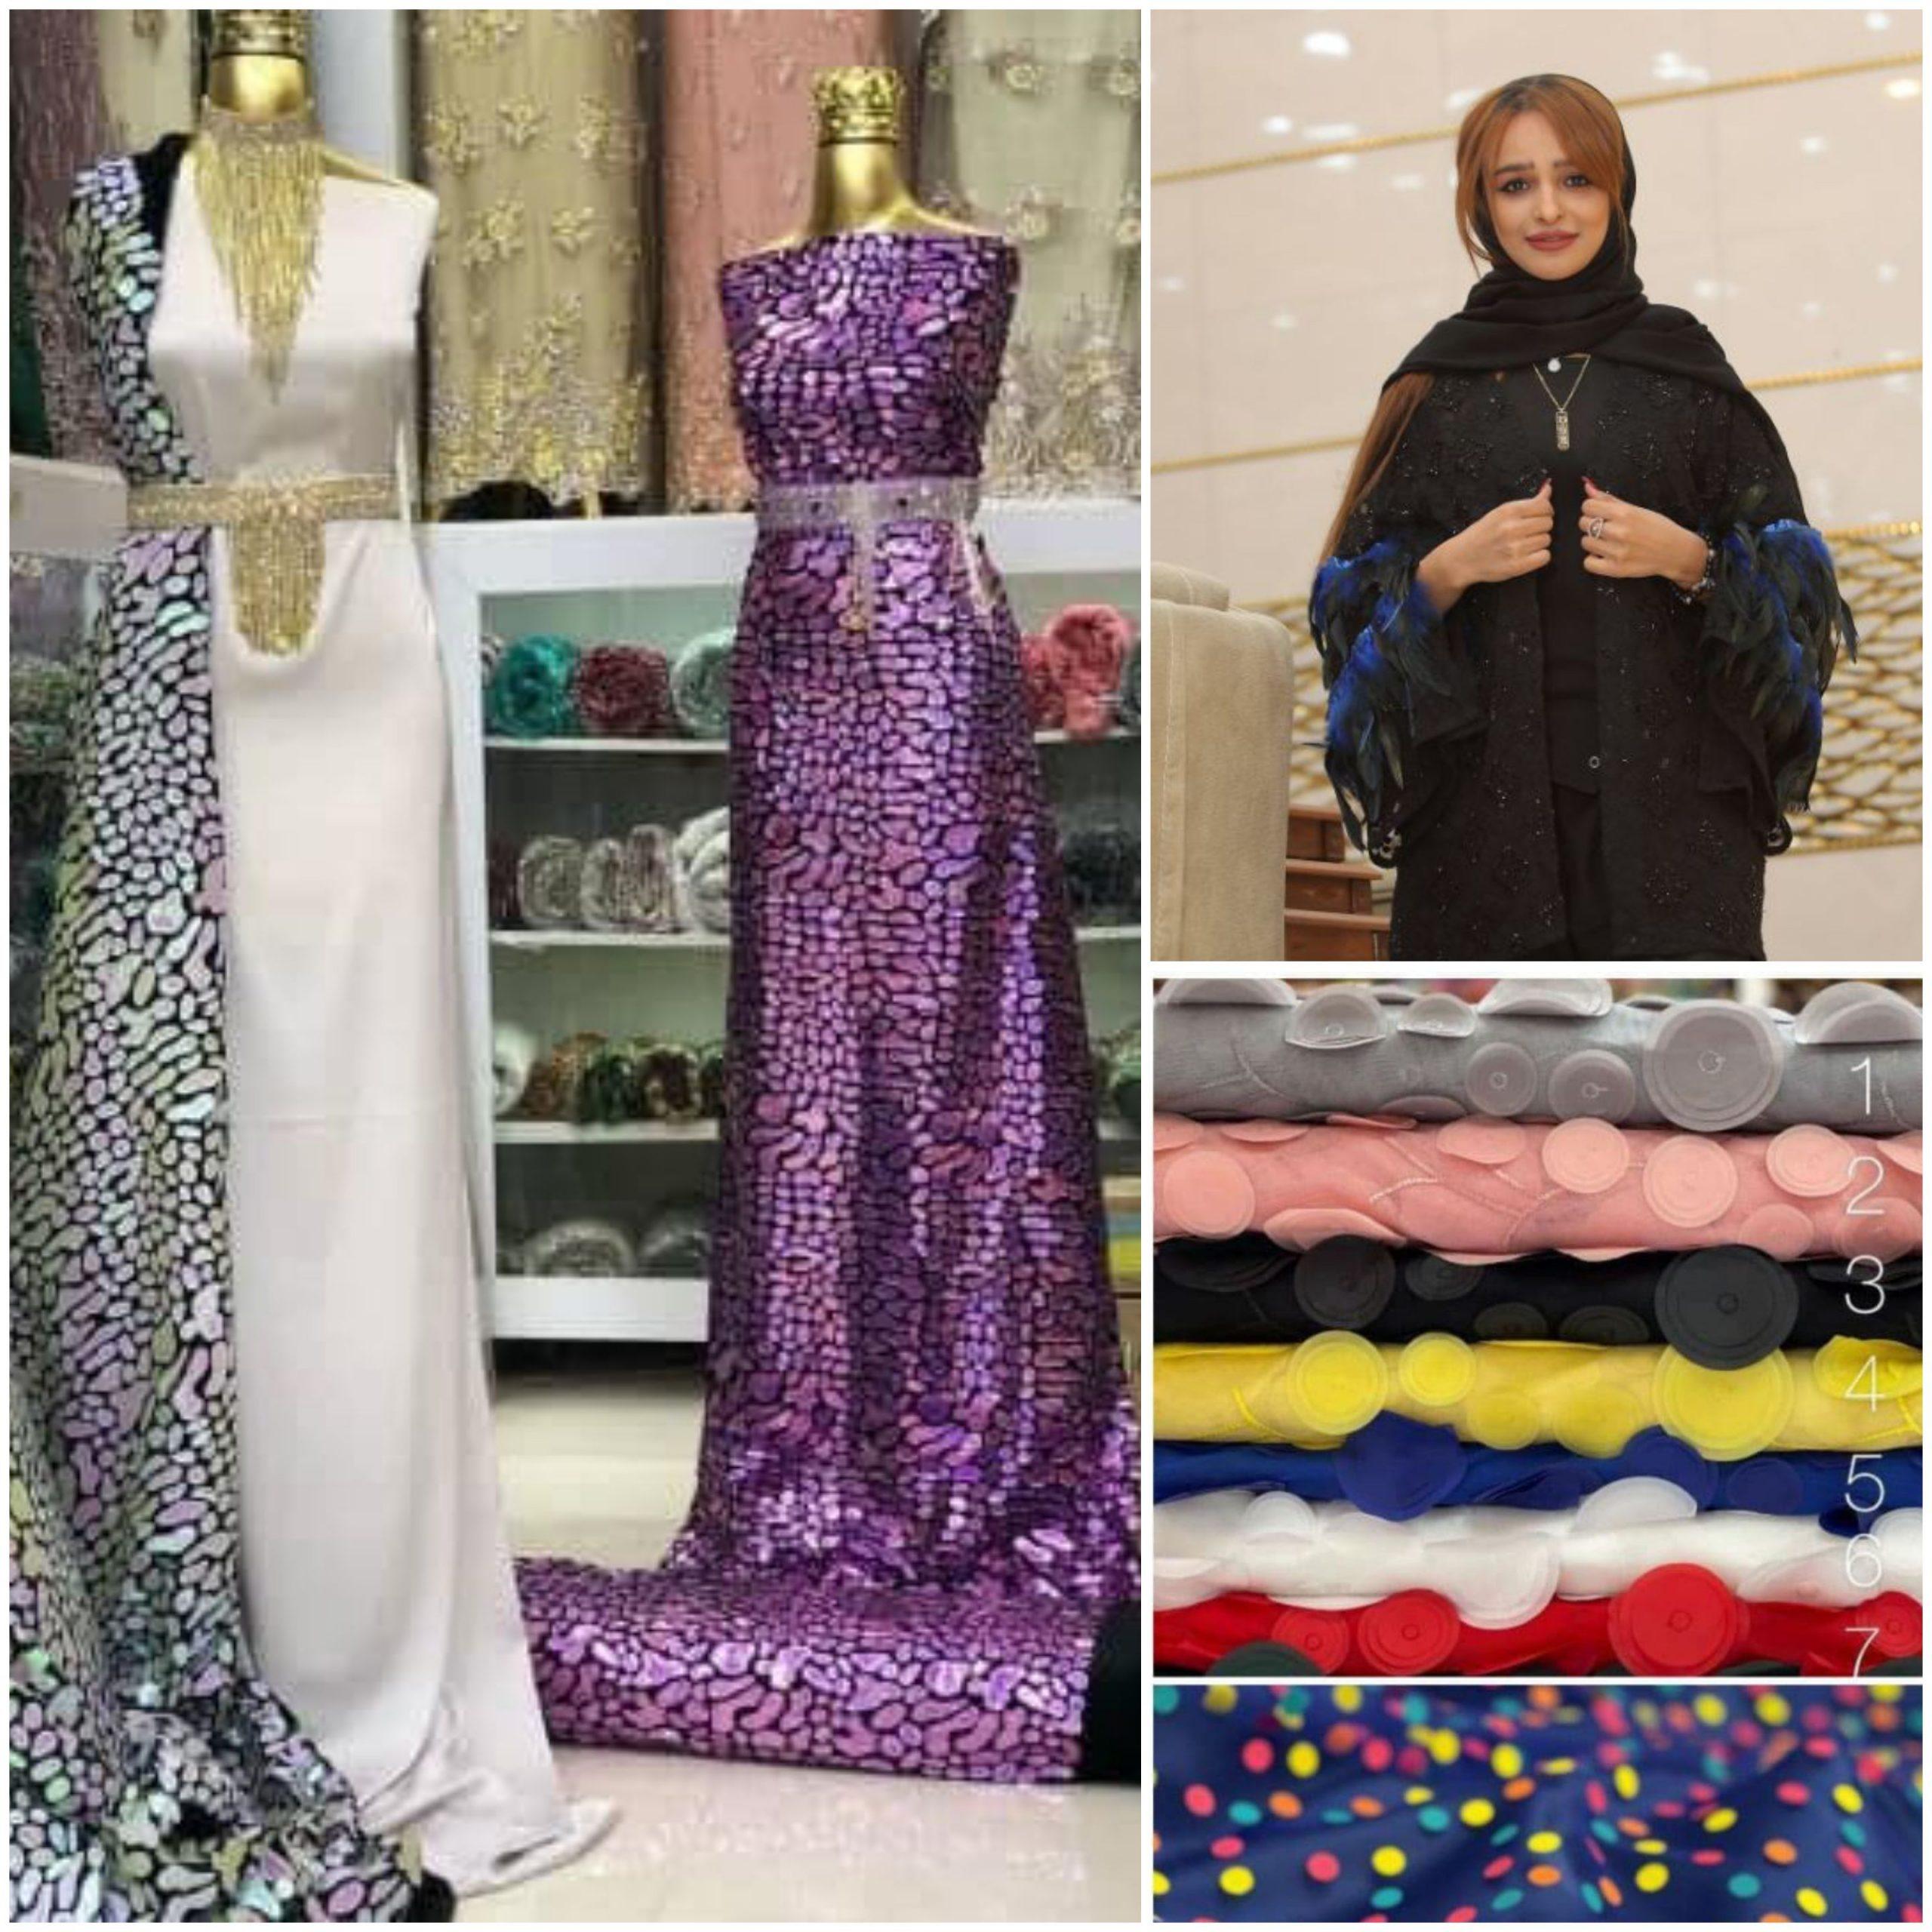 لباس کوردی از متنوع ترین پوشش های جهان است/ راهکارهای تبدیل سقز بعنوان برند شهر پارچه